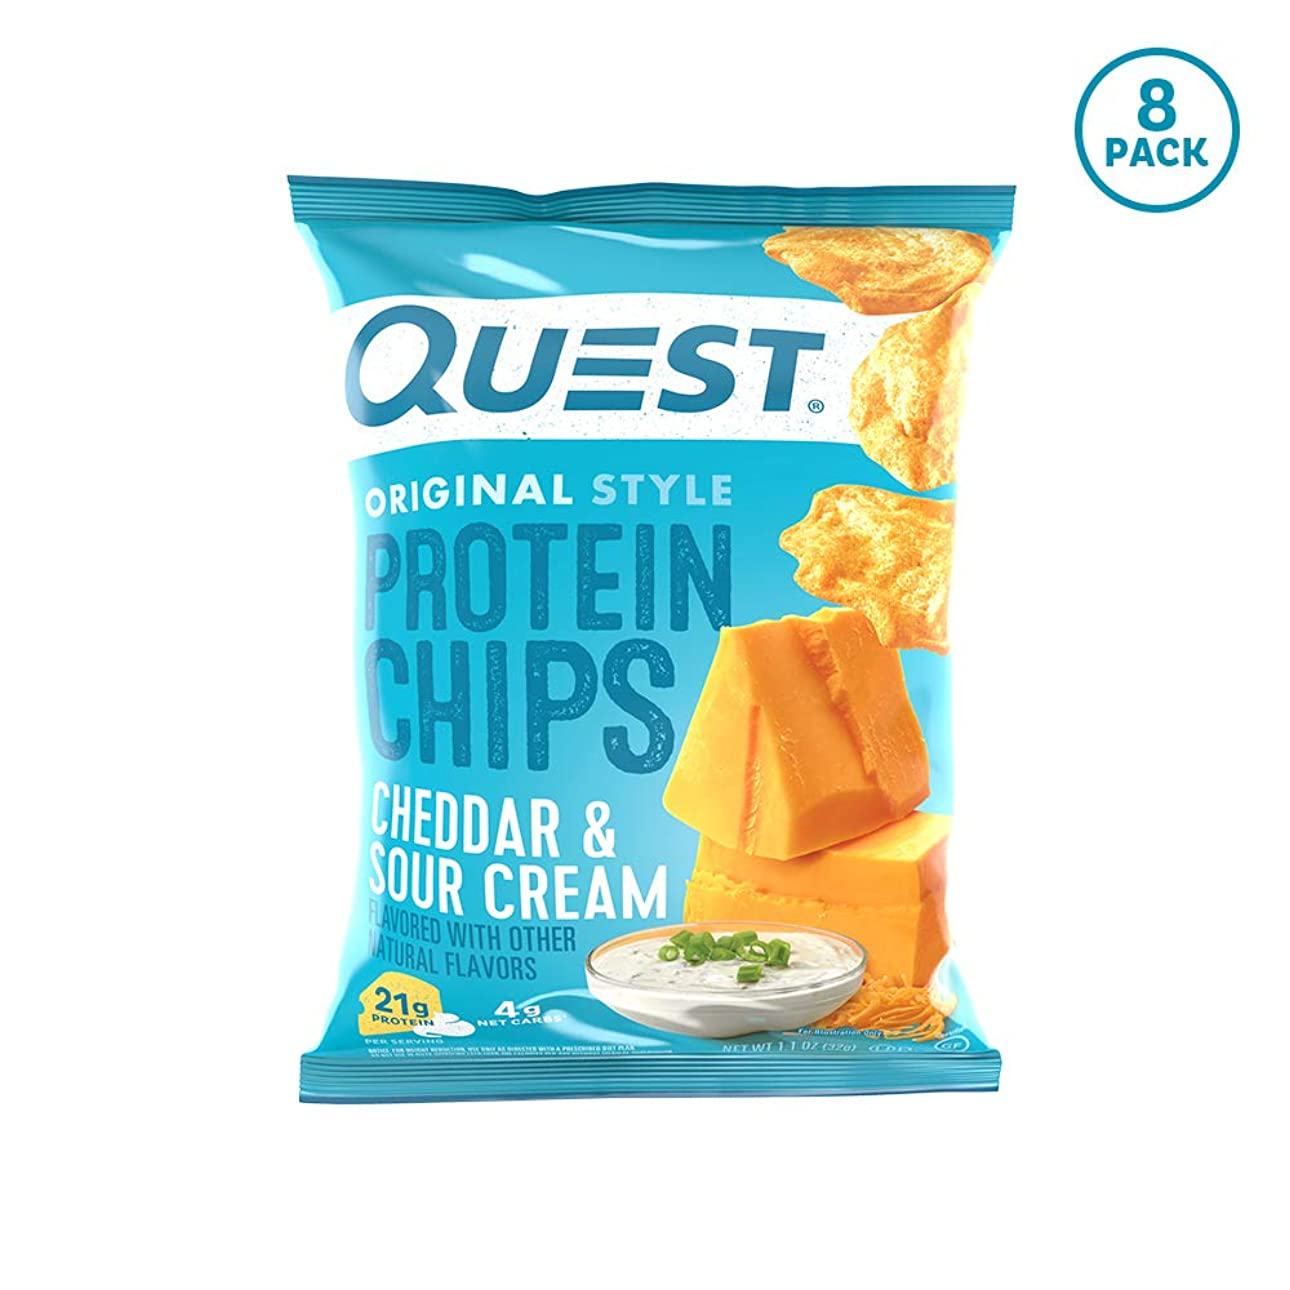 救いマザーランドオーストラリア人プロテイン チップス チェダーサワークリーム フレイバー クエスト 8袋セット 並行輸入品 Quest Nutrition Protein Chips Cheddar & Sour Cream Pack of 8 海外直送品